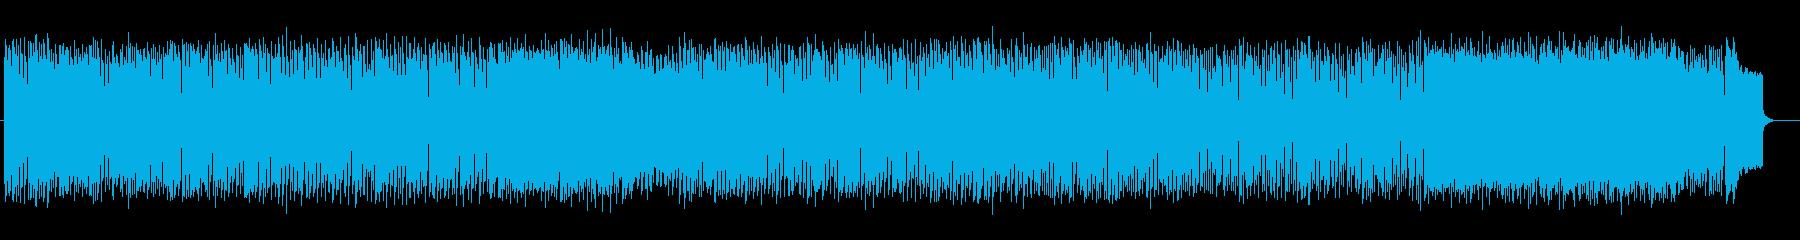 爽快感のあるテクノポップの再生済みの波形